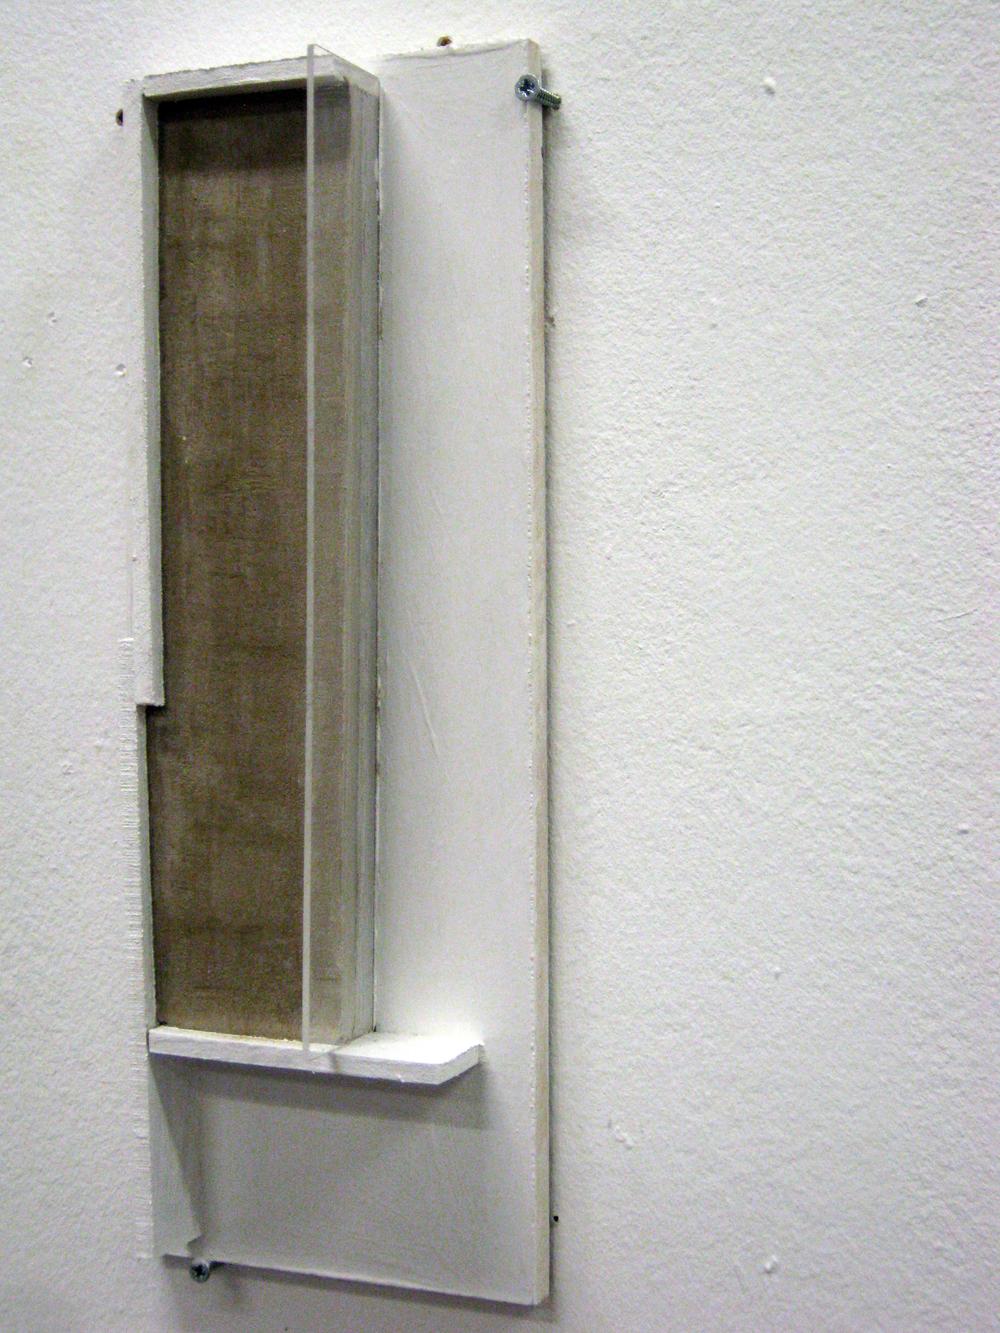 Angle View